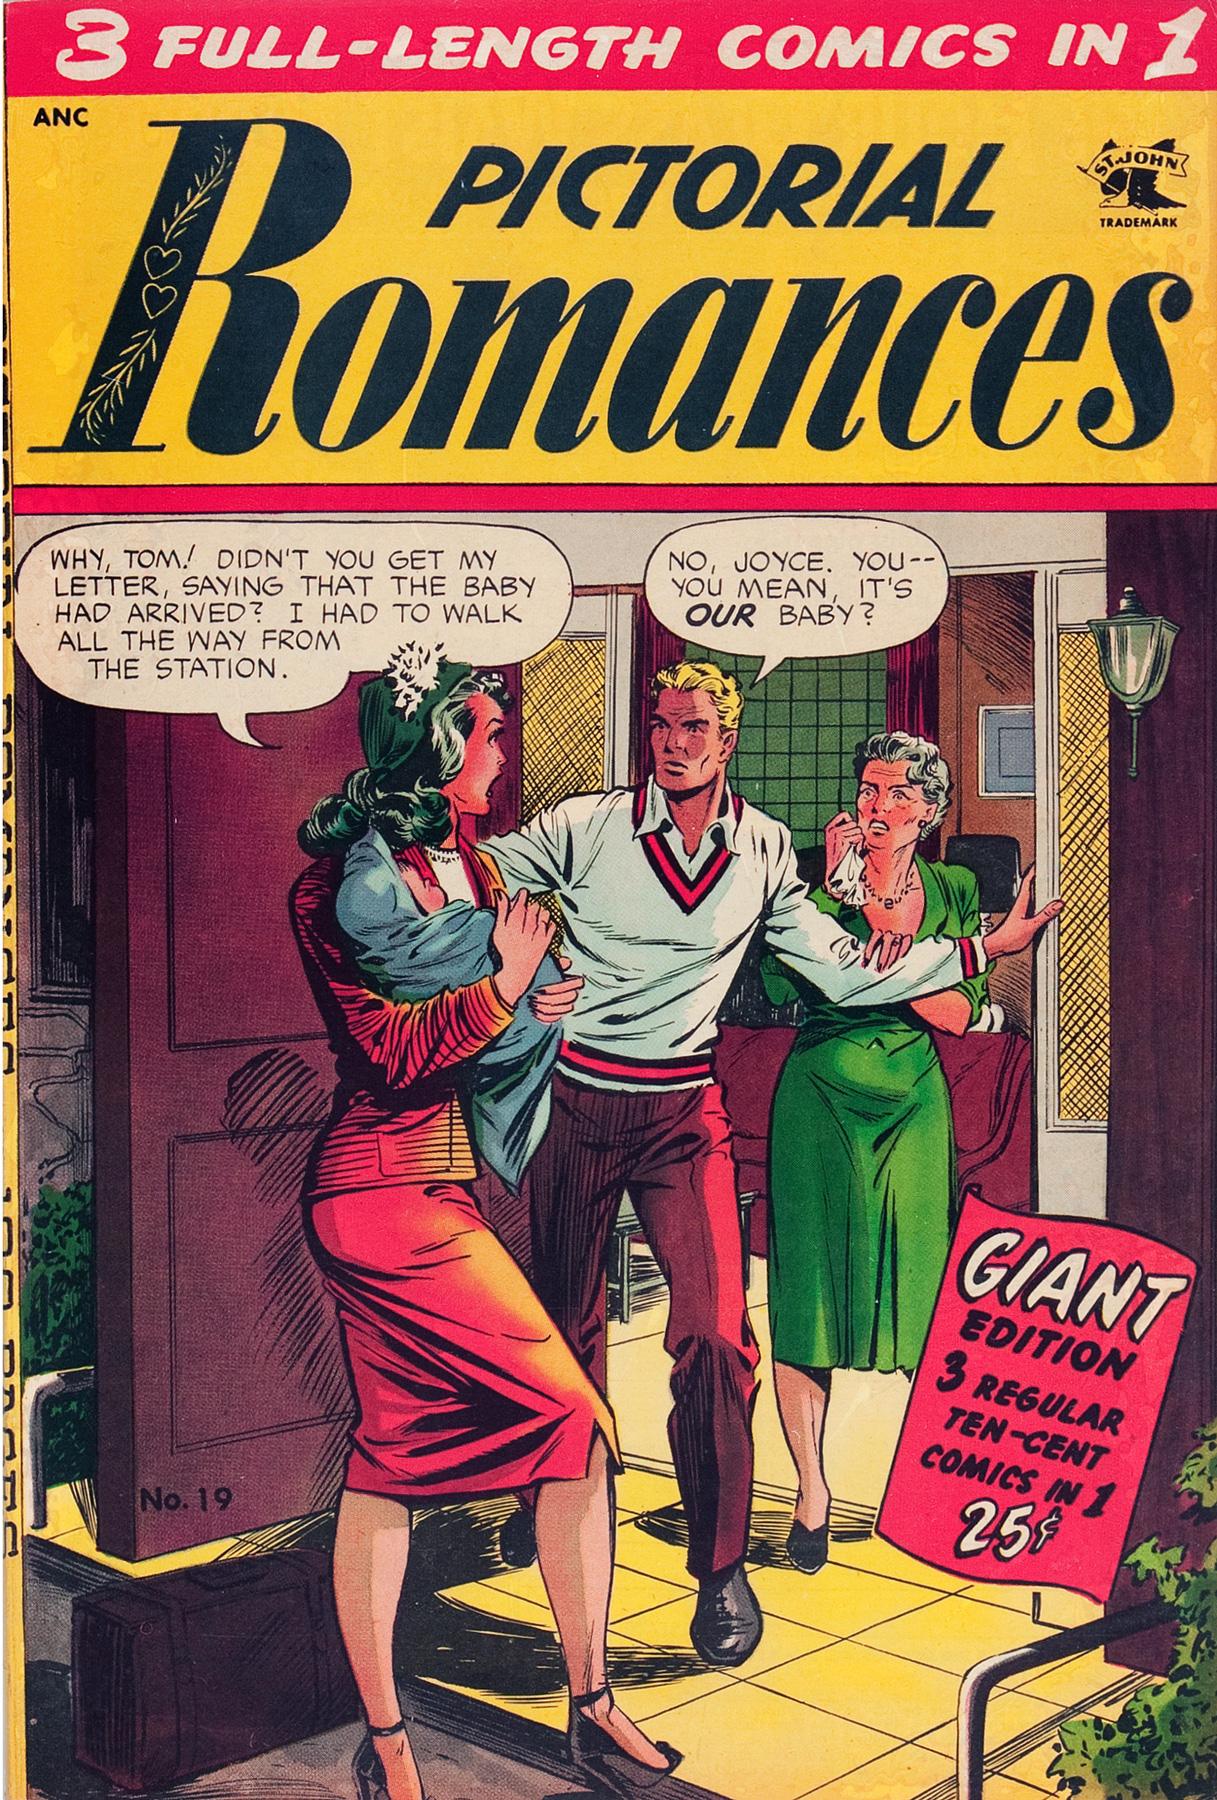 PictorialRomances19-1953